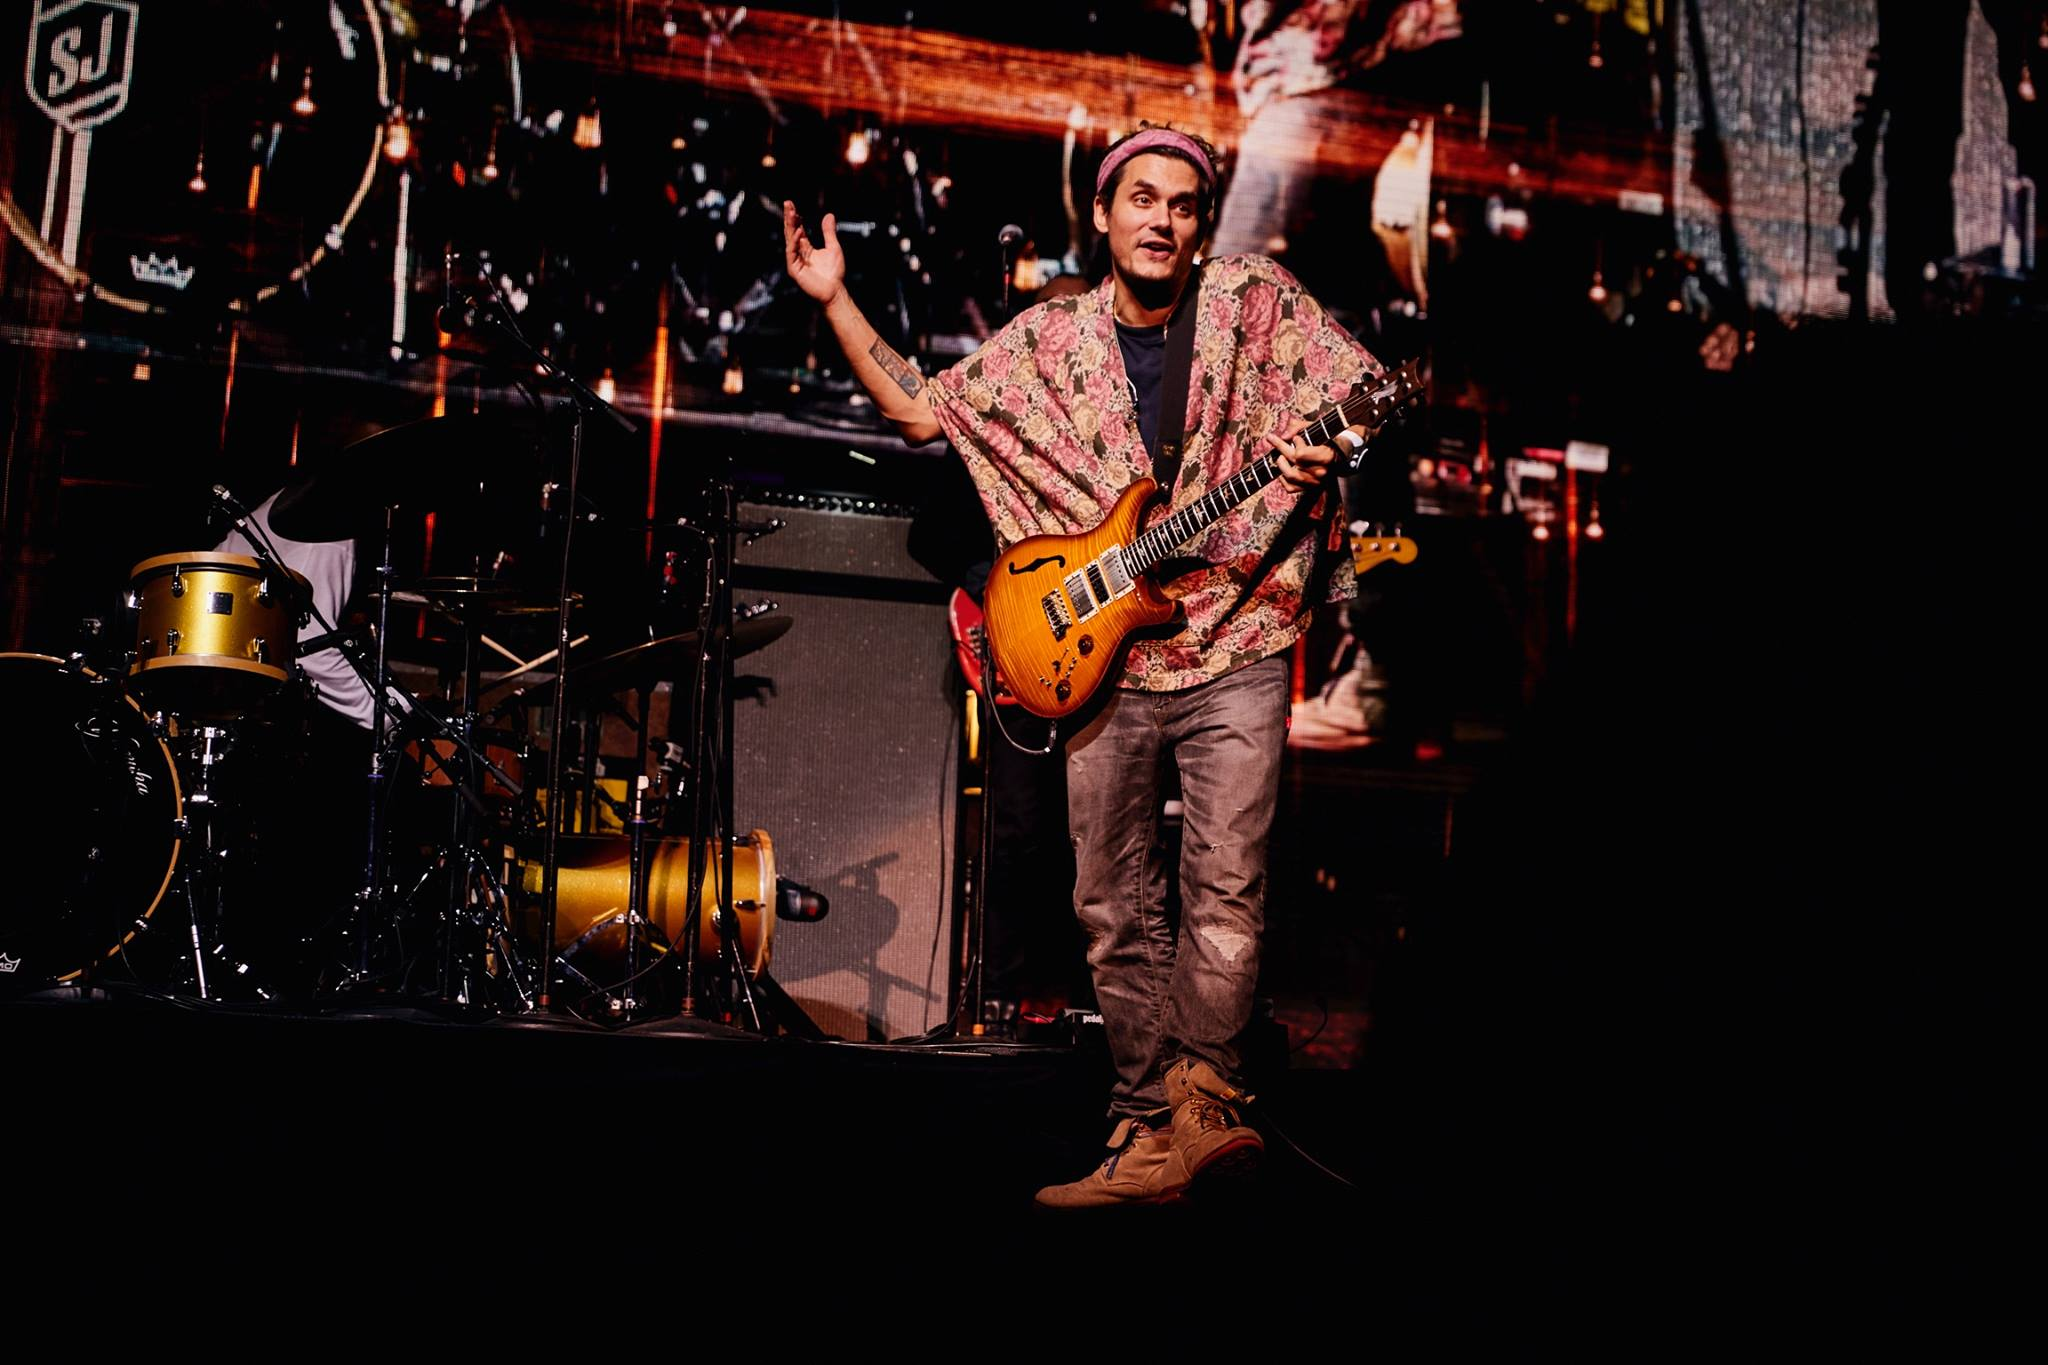 เดากันเล่น ๆ เพลย์ลิสต์ในงาน John Mayer Asia Tour Live in Bangkok 2019